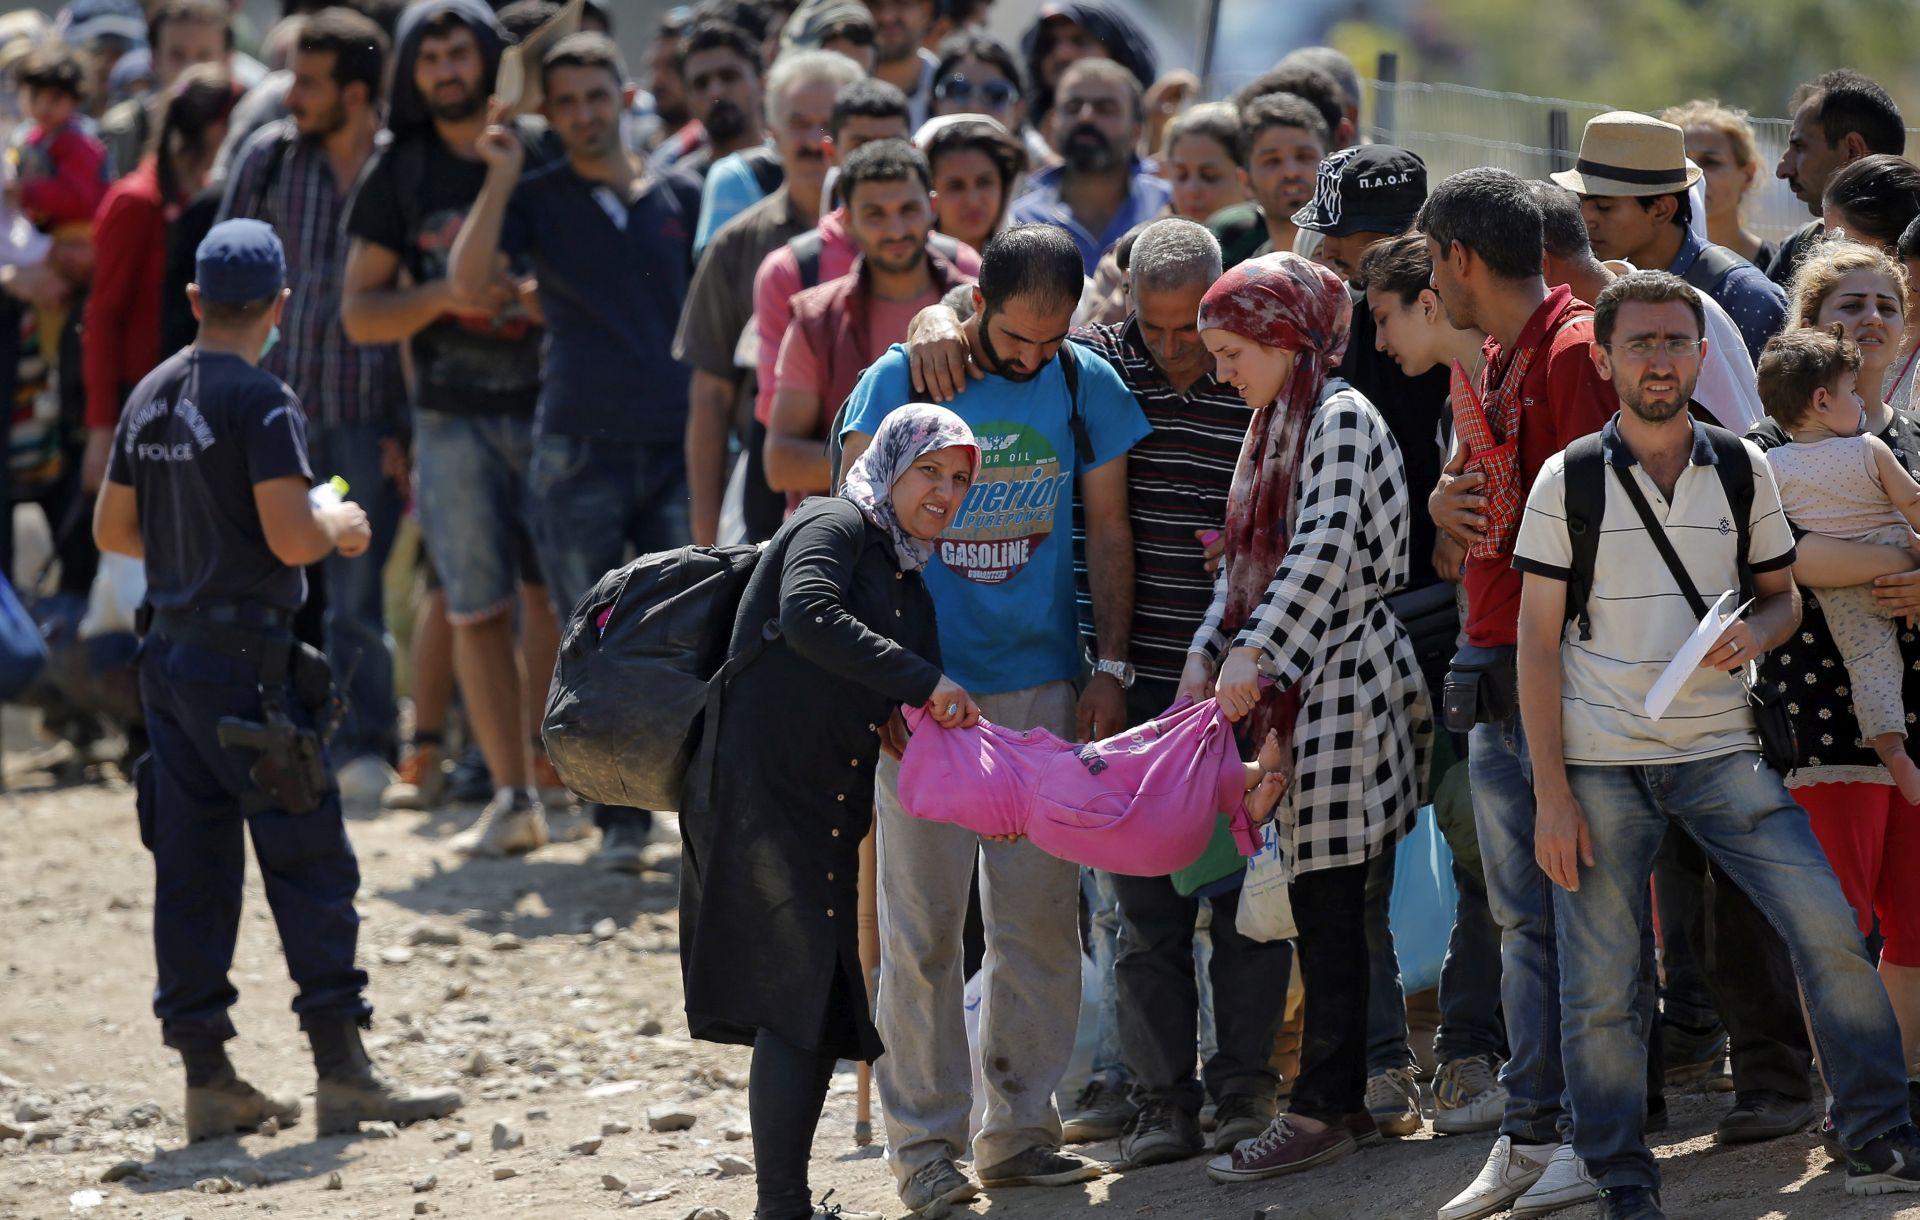 Rekordan broj izbjeglica ušao u Makedniju, Juncker sljedeći tjedan predlaže novu shemu kvota